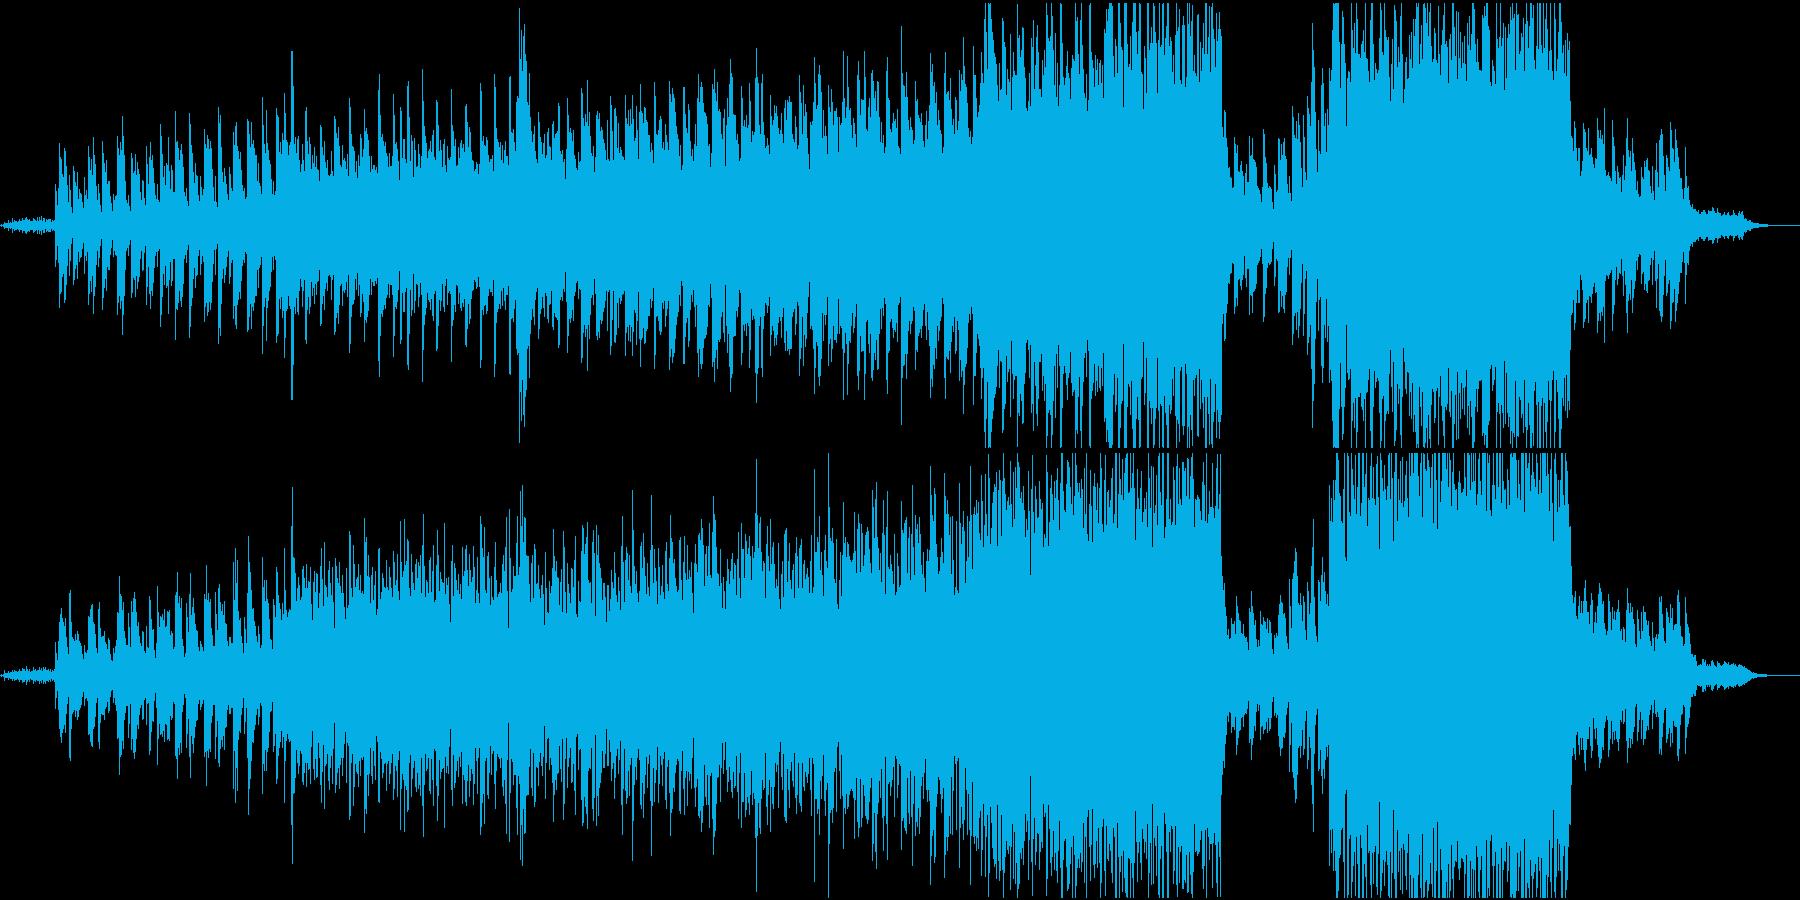 ピアノとストリングスの映像的な曲の再生済みの波形